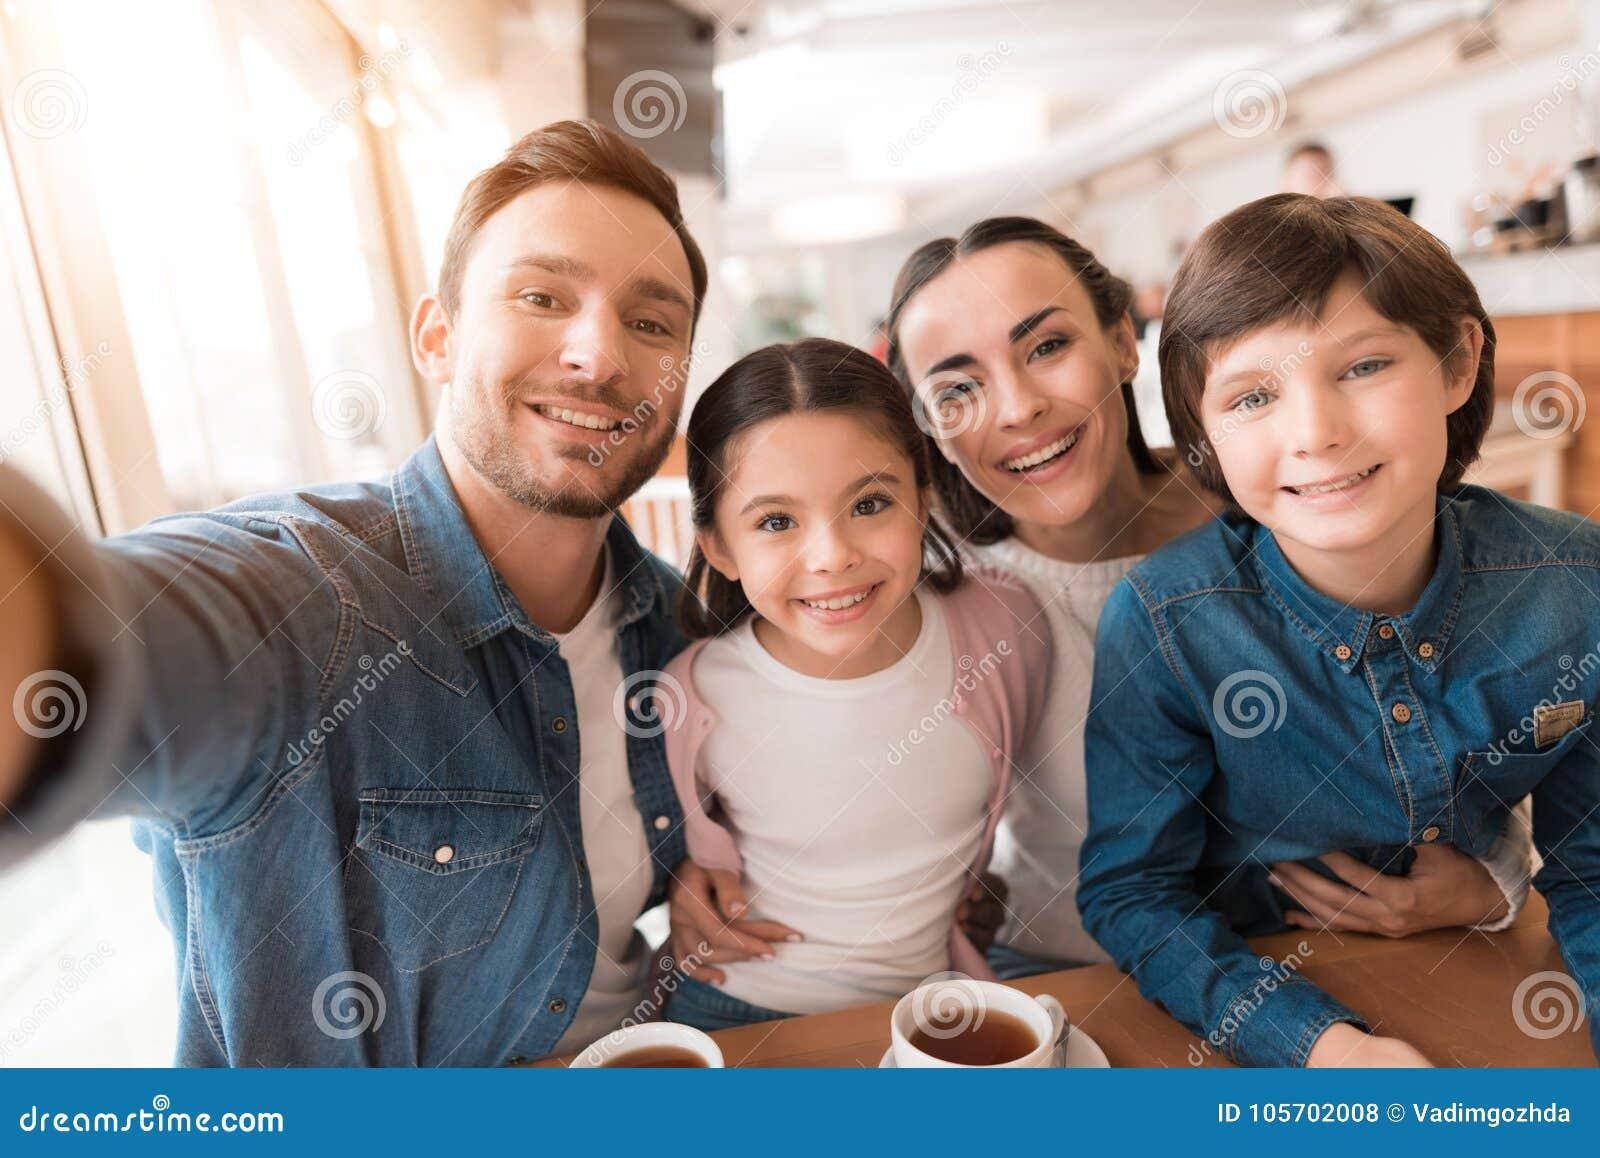 Mutter, Vati, Tochter und Sohn, die zusammen auf einer Kamera in einem Café aufwerfen